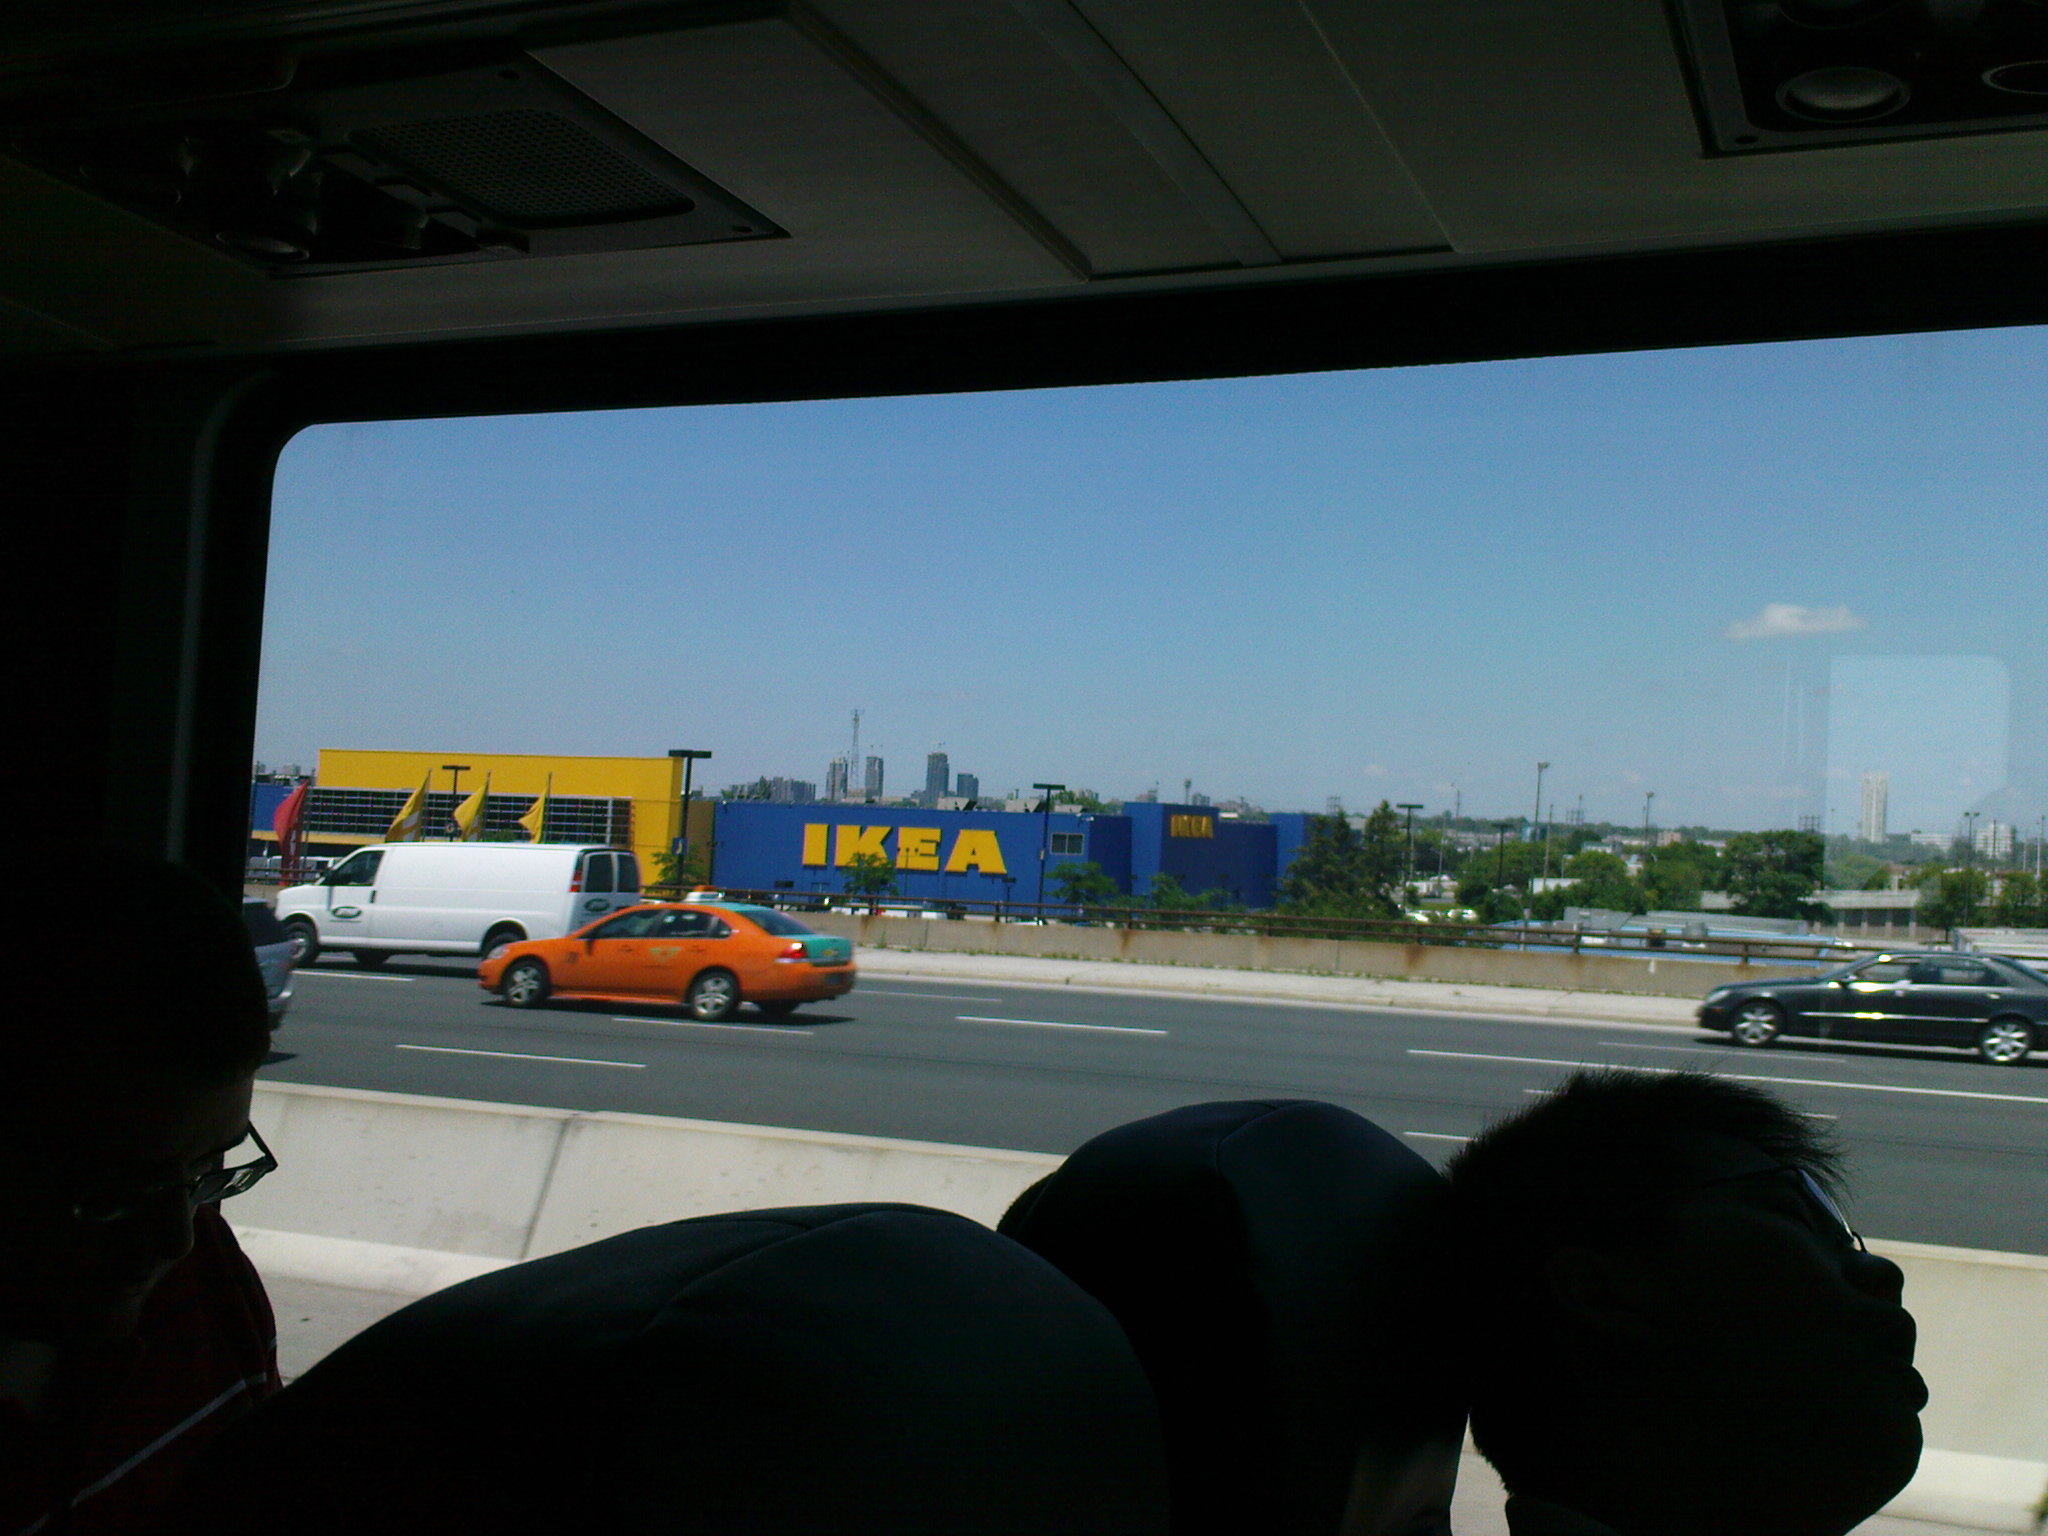 Ja, es gibt in Kanada auch IKEA